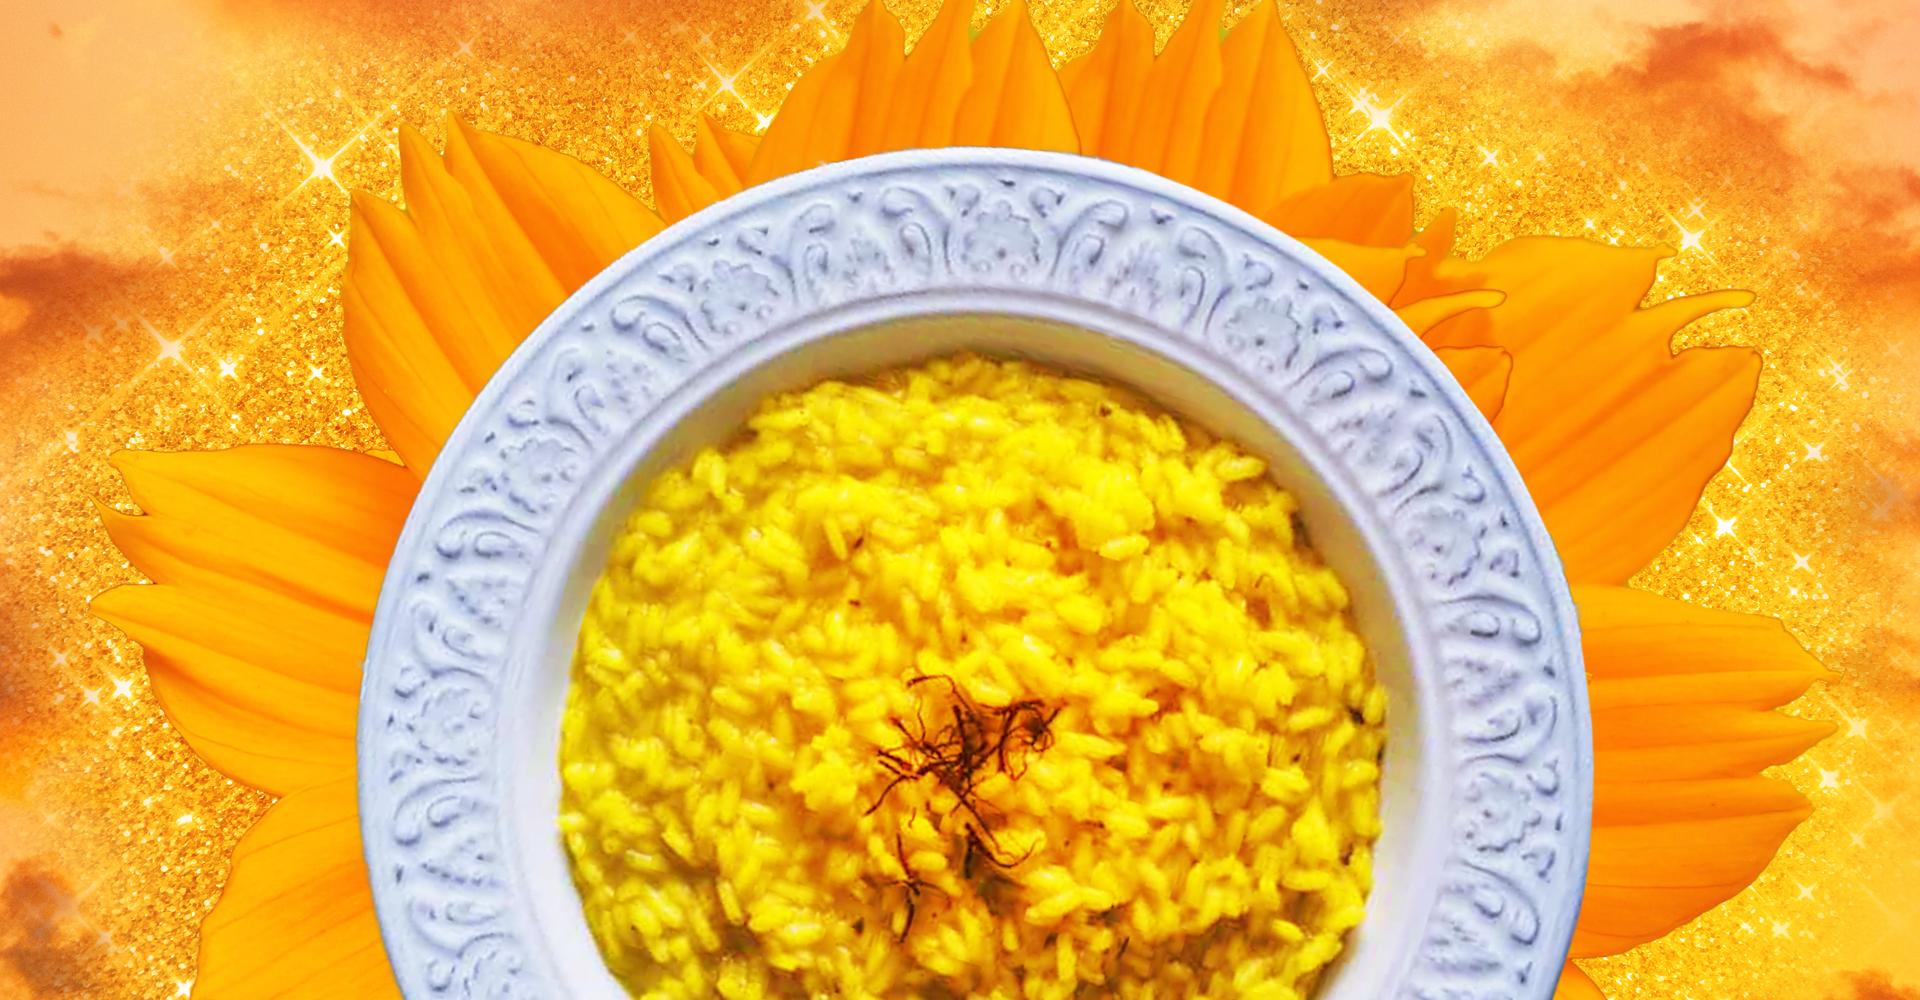 Risotto alla milanese storia, l'origine del piatto meneghino tra verità e leggenda